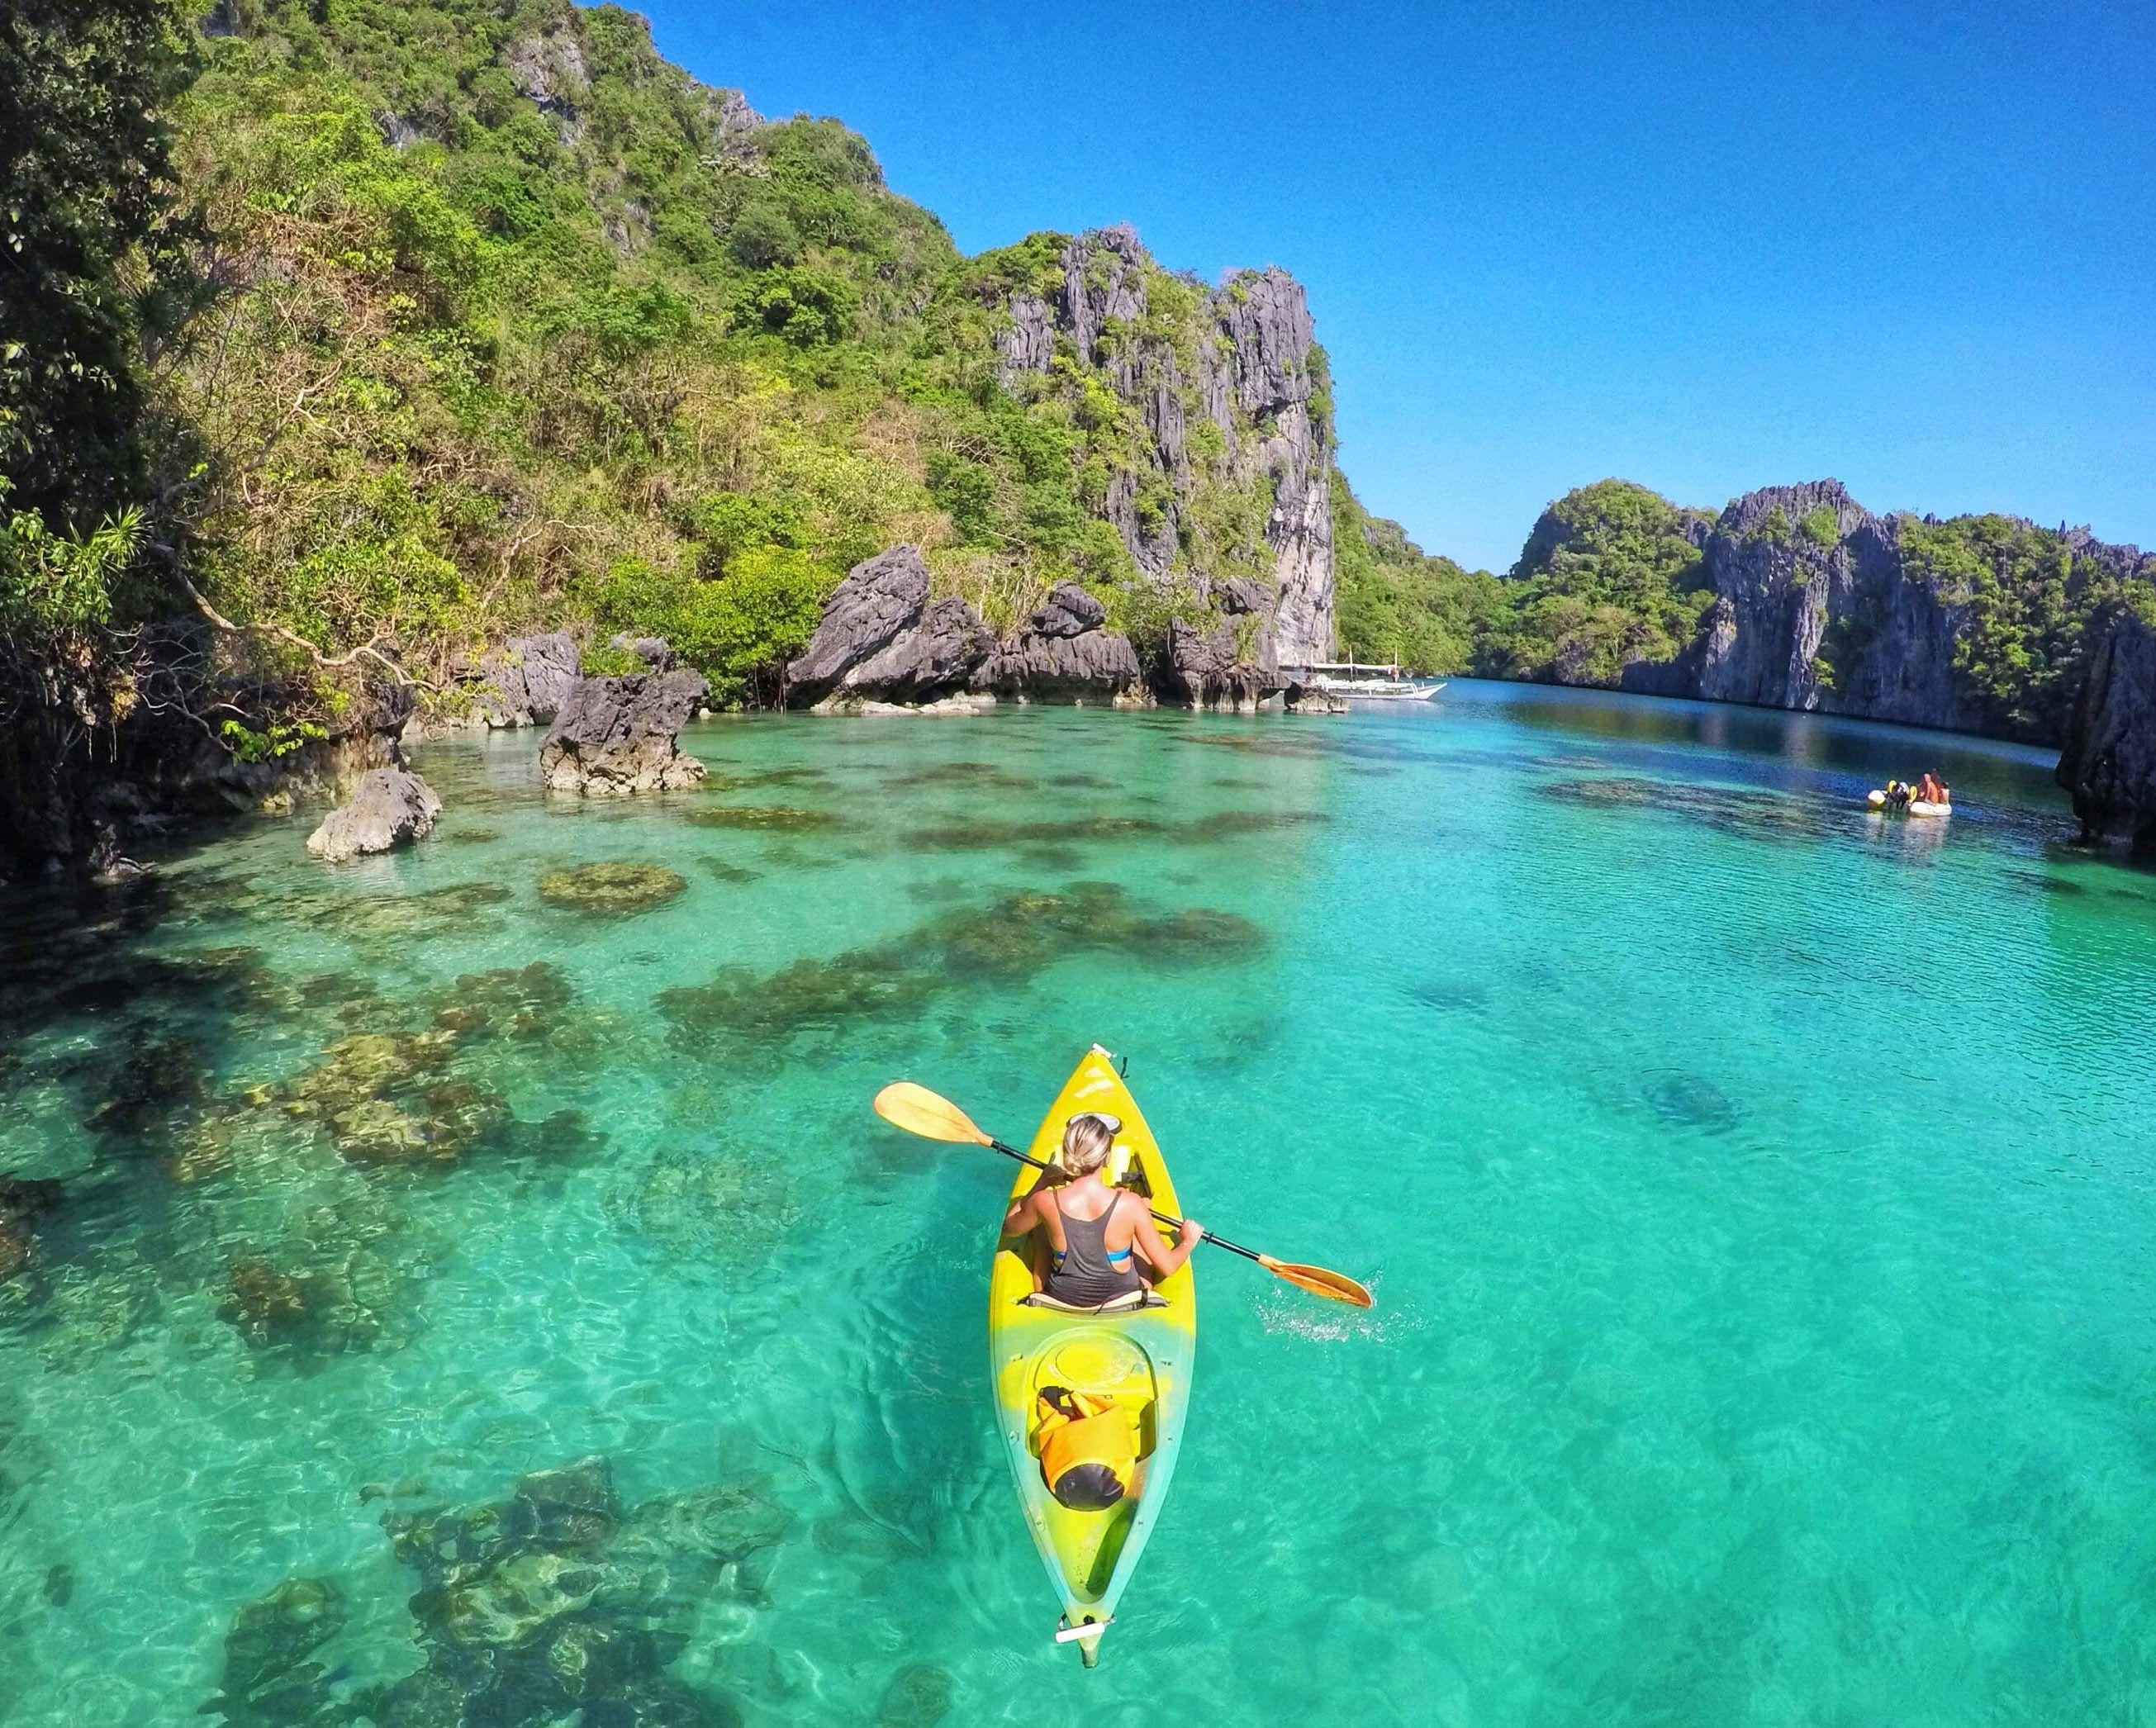 Filipinas | I wish | Pinterest | El nido, Palawan and Asia